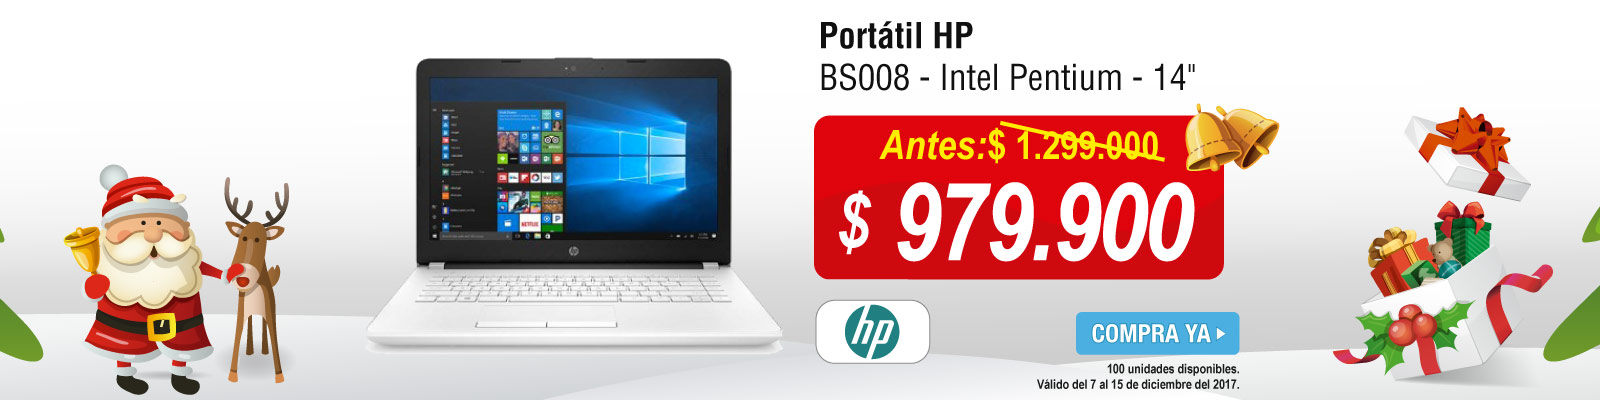 TOP PROMO ALKP-1-computadores-Portátil HP - BS008 - Intel Pentium - 14-prod-diciembre7-15